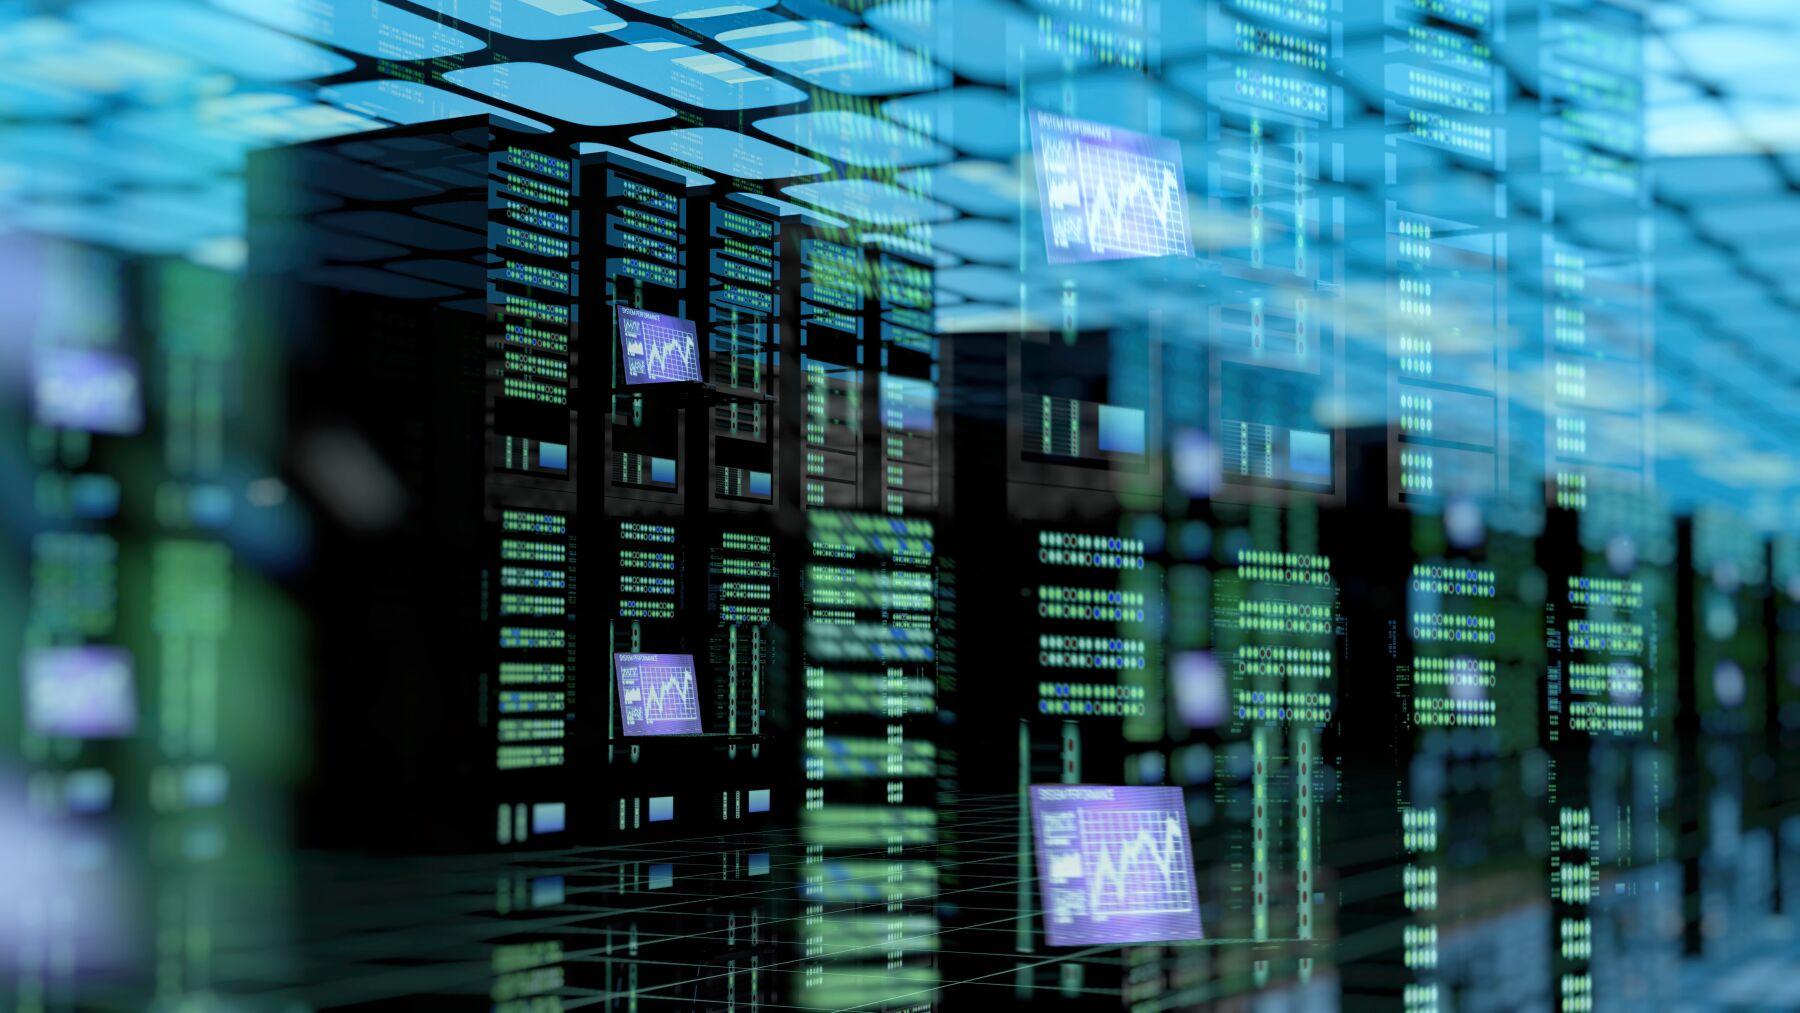 Modern server room with server racks in data center